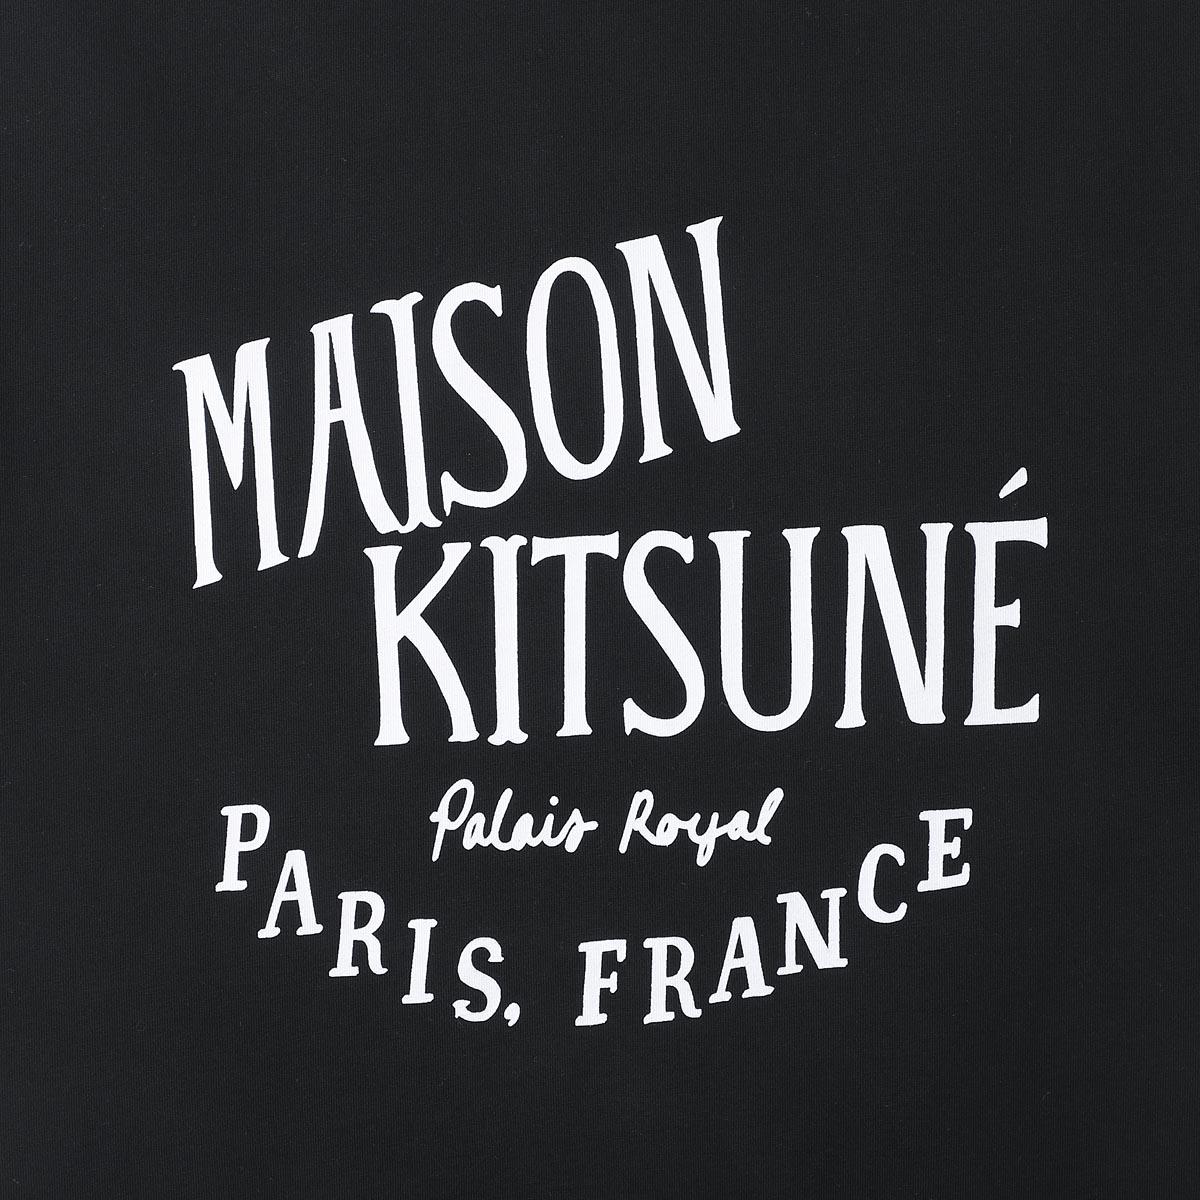 【アウトレット】【ラスト1点】MAISON KITSUNE メゾンキツネ クルーネックTシャツ/TEE-SHIRT PALAIS ROYAL パレ ロワイヤル メンズ